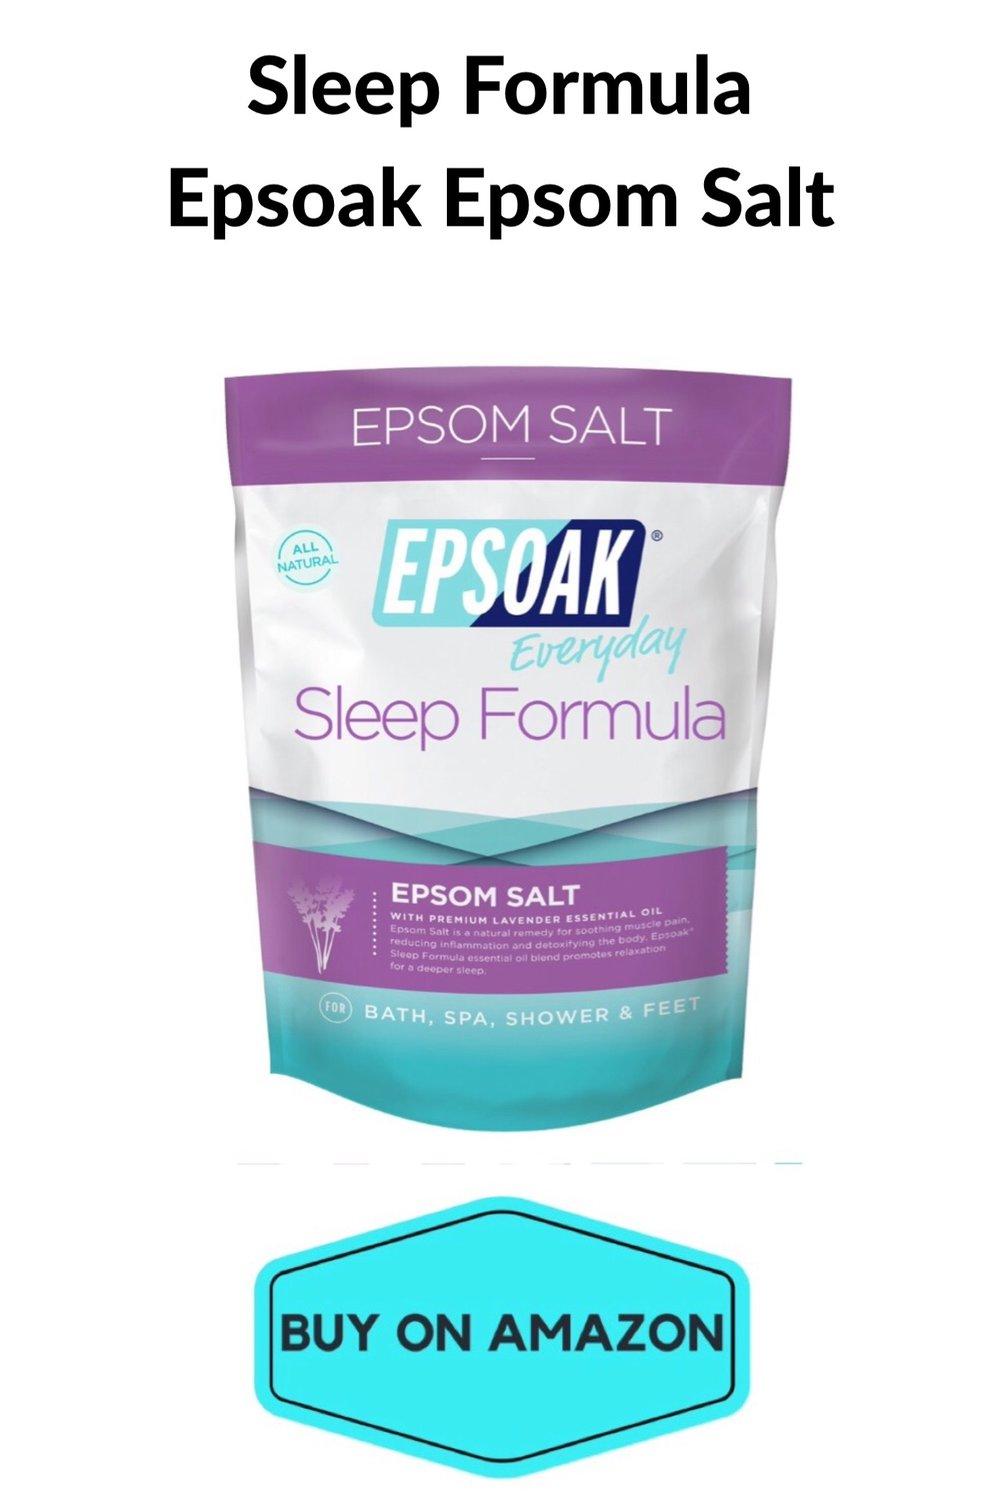 Sleep Formula Epsoak Epsom Salt, 4lbs